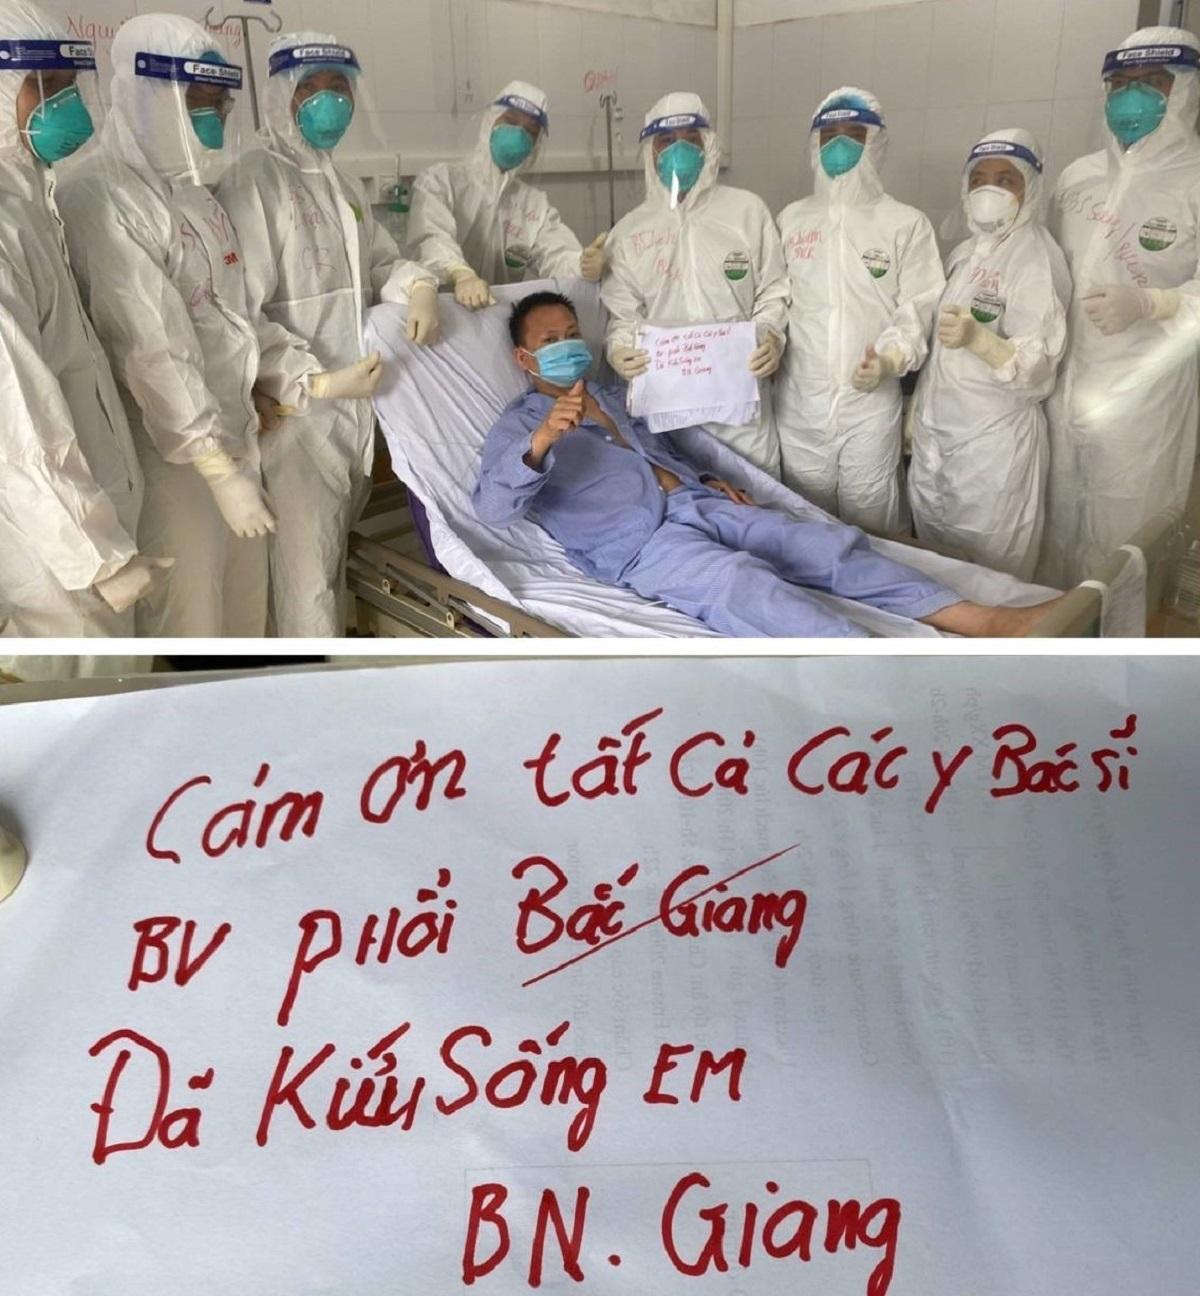 Ca Covid-19 nặng phải thở máy ở Bắc Giang âm tính lần 1